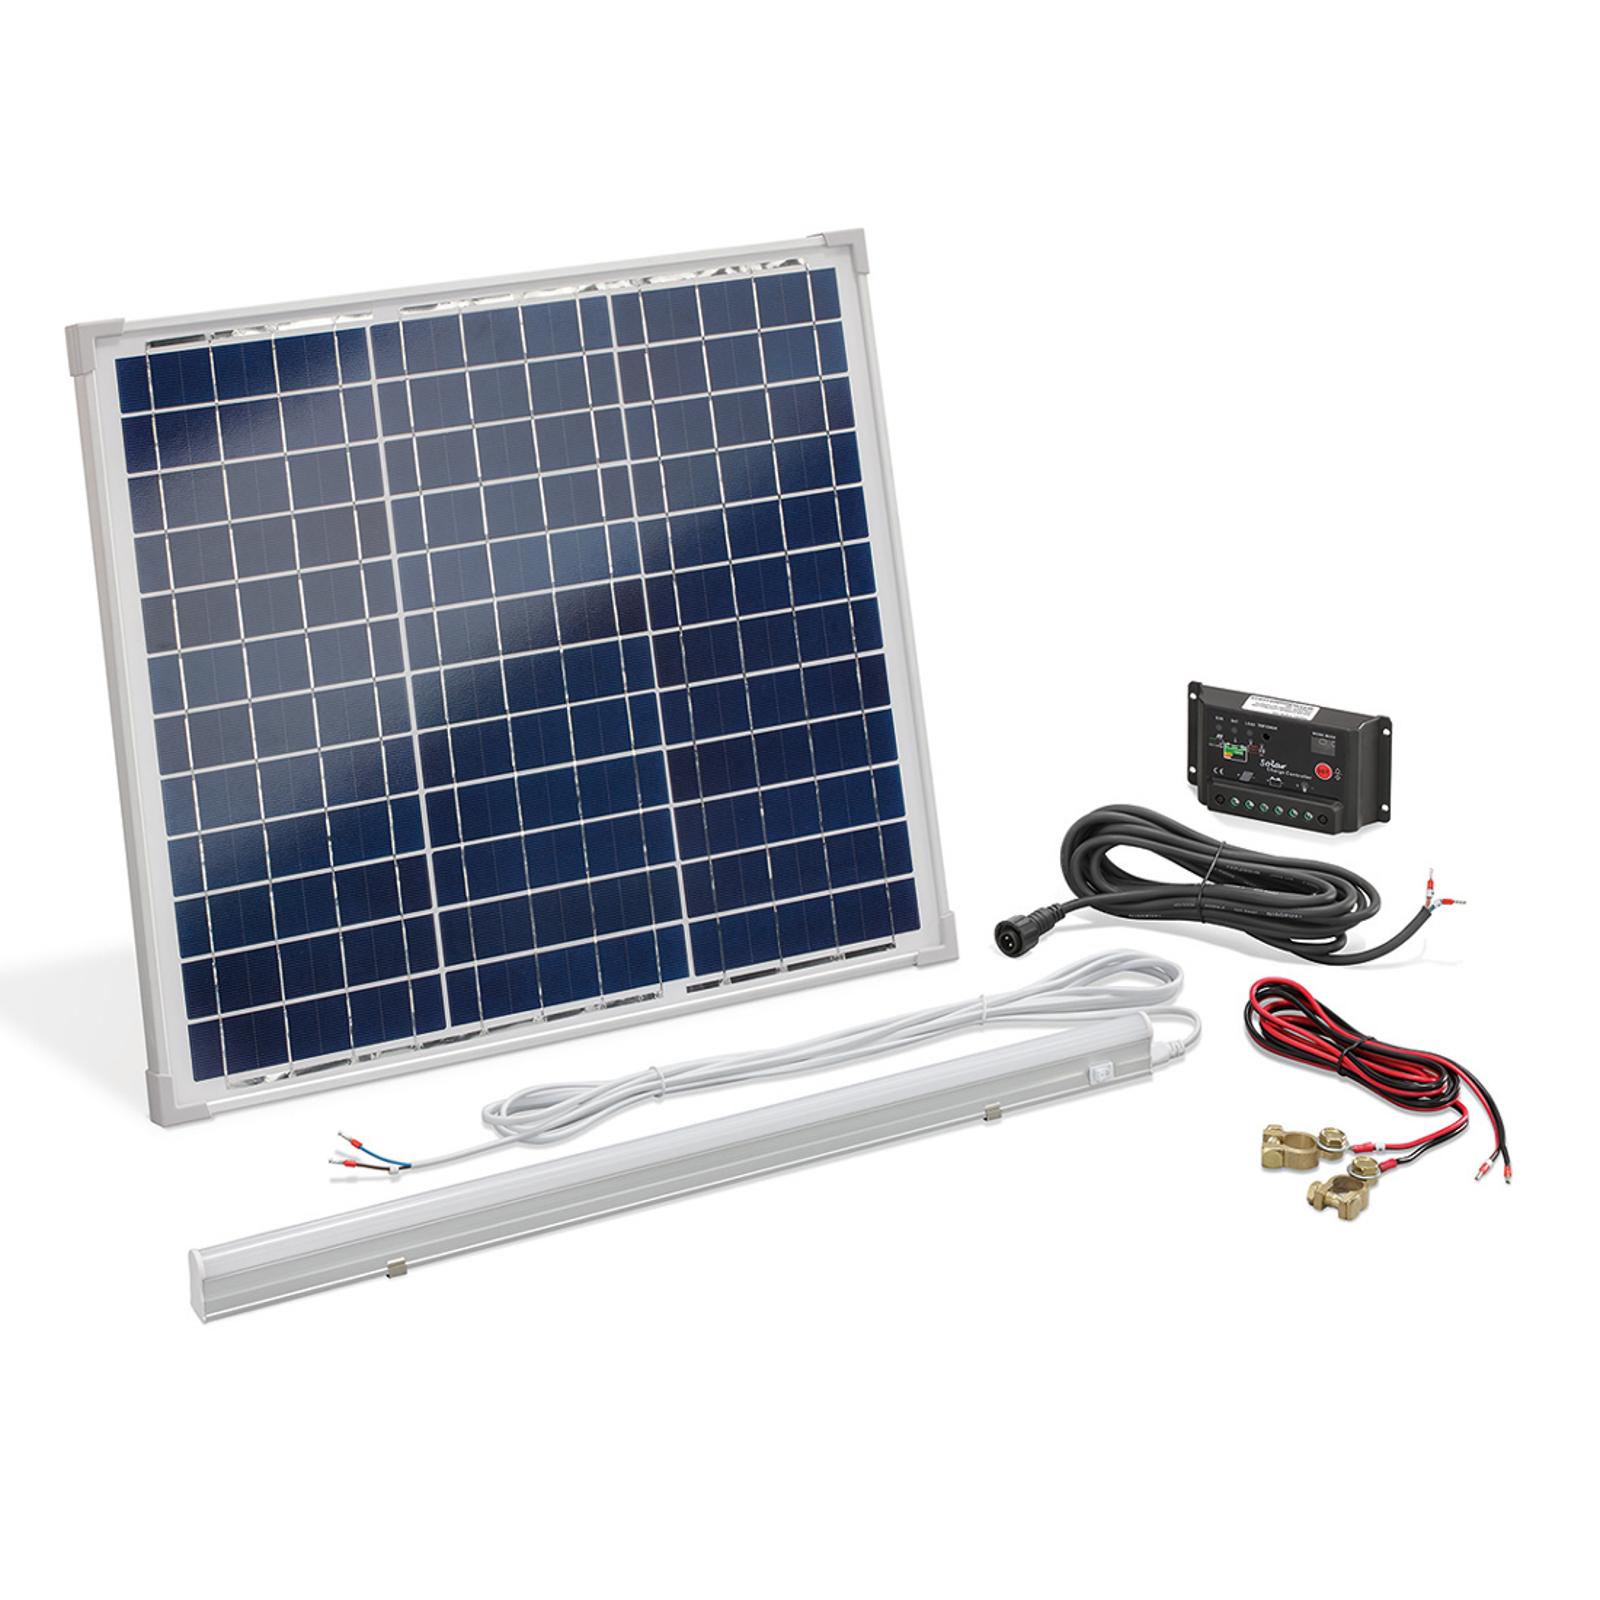 Kannettava aurinkoenergiajärjestelmä 30 W